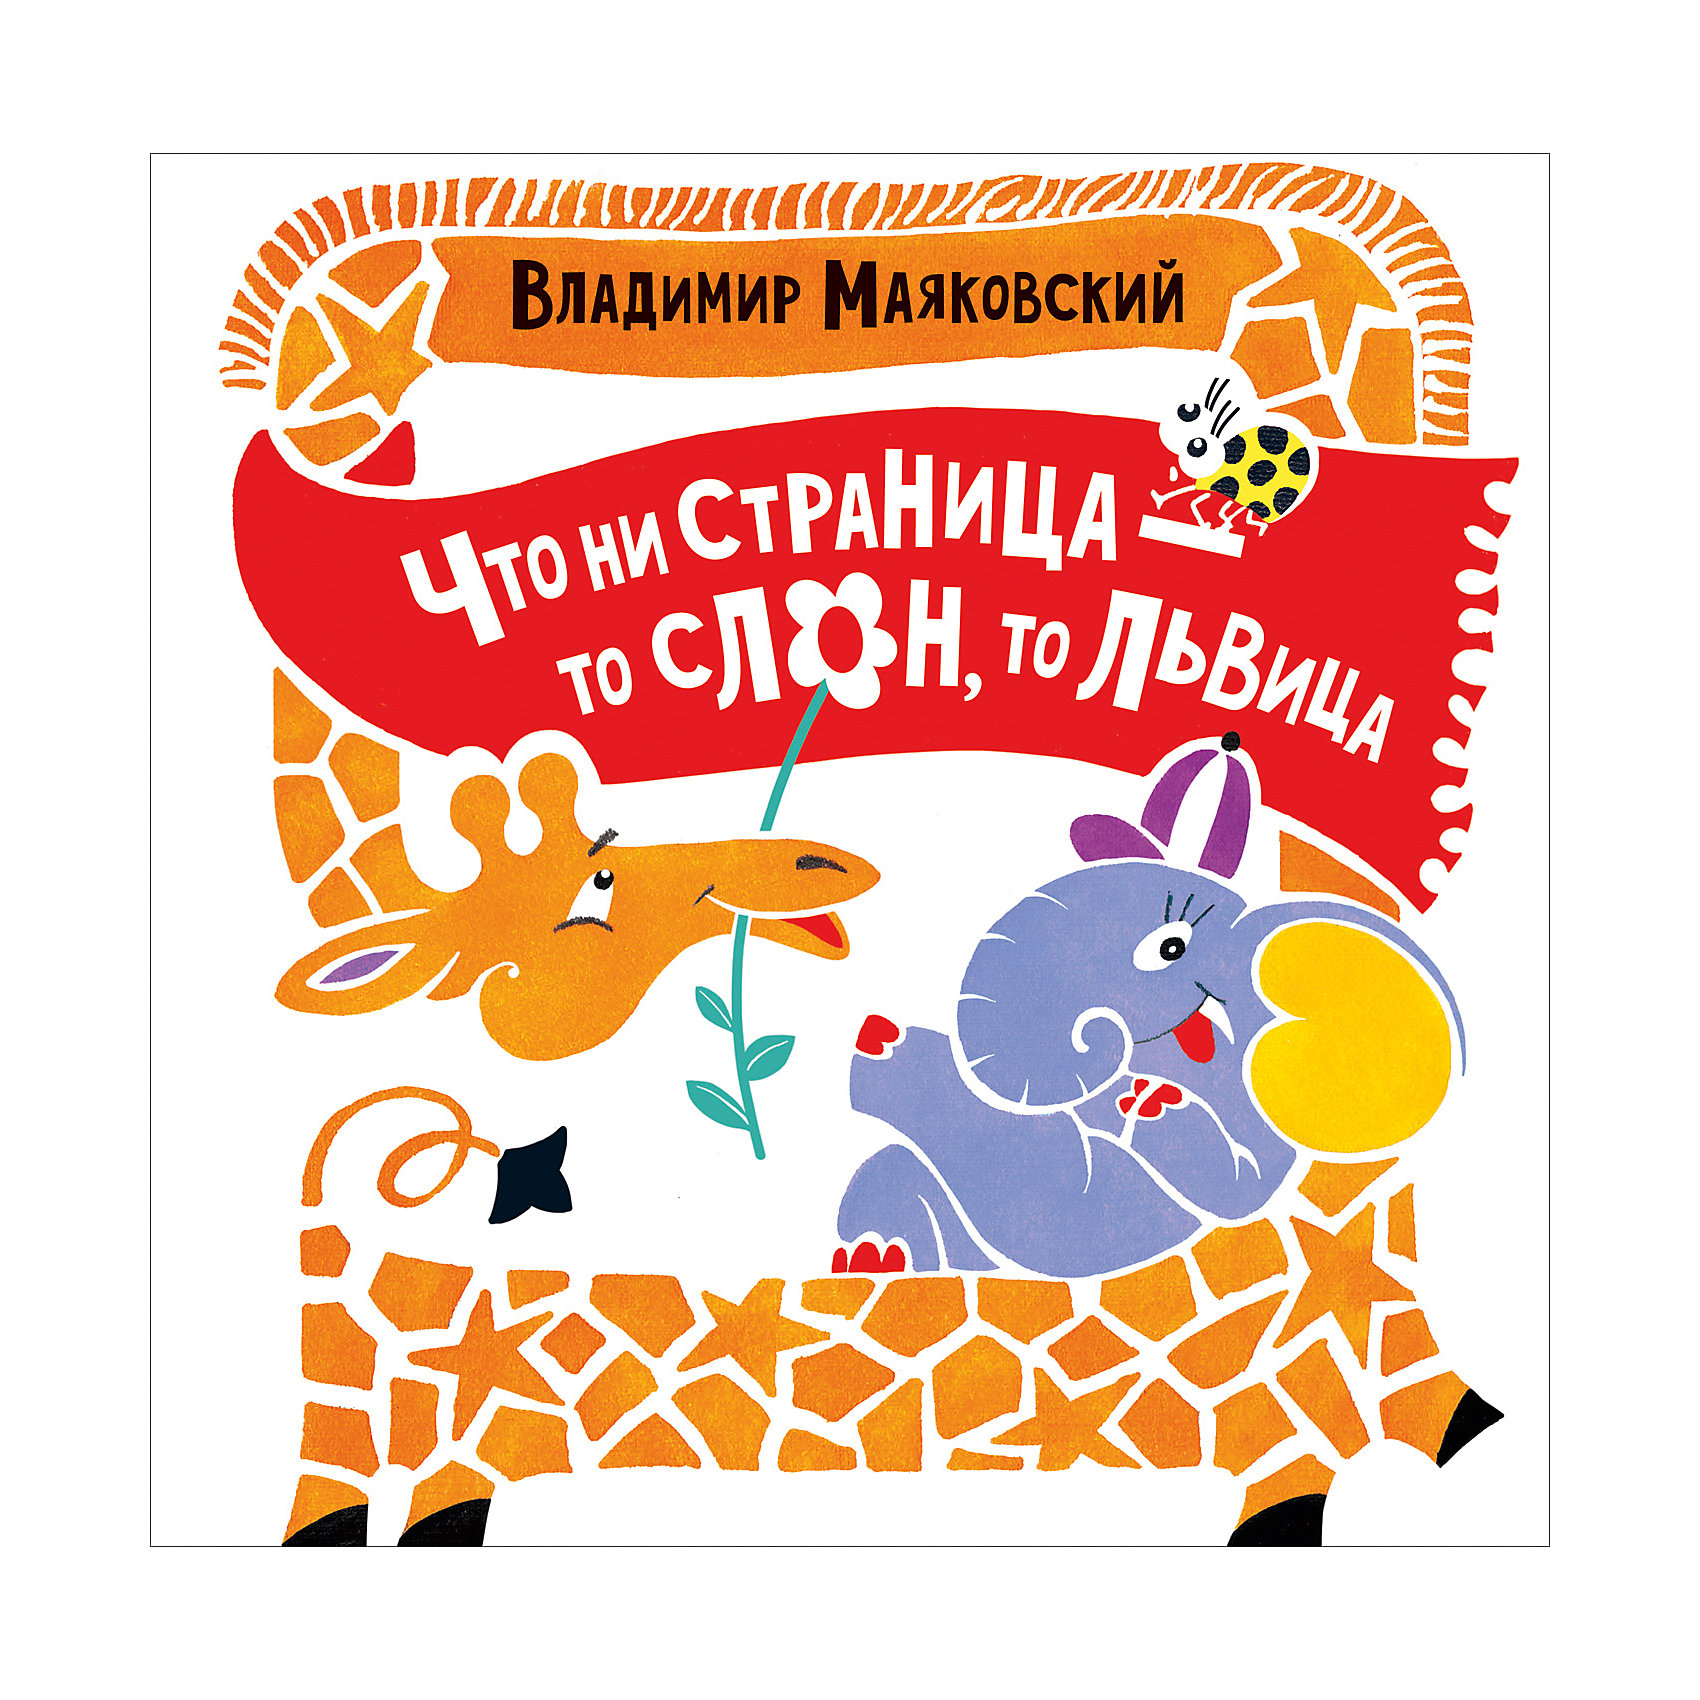 Что ни страница, Маяковский В.Стихи<br>Стихотворения В. Маяковского «Что ни страница-то слон, то львица» и «Эта книжечка моя про моря и про маяк» с иллюстрациями Ю. Волковой. &#13;<br>Серия «Куча-мала» - это увлекательная классика в оригинальном оформлении для самых маленьких. Эта серия включает в себя произведения, с которыми родители знакомят своих детей в первую очередь. Тексты органично встроены в иллюстрации, классический состав серии вызовет доверие у родителей, а игровой формат книг и яркие картинки заинтересуют даже самых непоседливых малышей. Удобный квадратный формат, иллюстрации лучших художников.<br><br>Ширина мм: 230<br>Глубина мм: 225<br>Высота мм: 10<br>Вес г: 325<br>Возраст от месяцев: 36<br>Возраст до месяцев: 2147483647<br>Пол: Унисекс<br>Возраст: Детский<br>SKU: 7072854